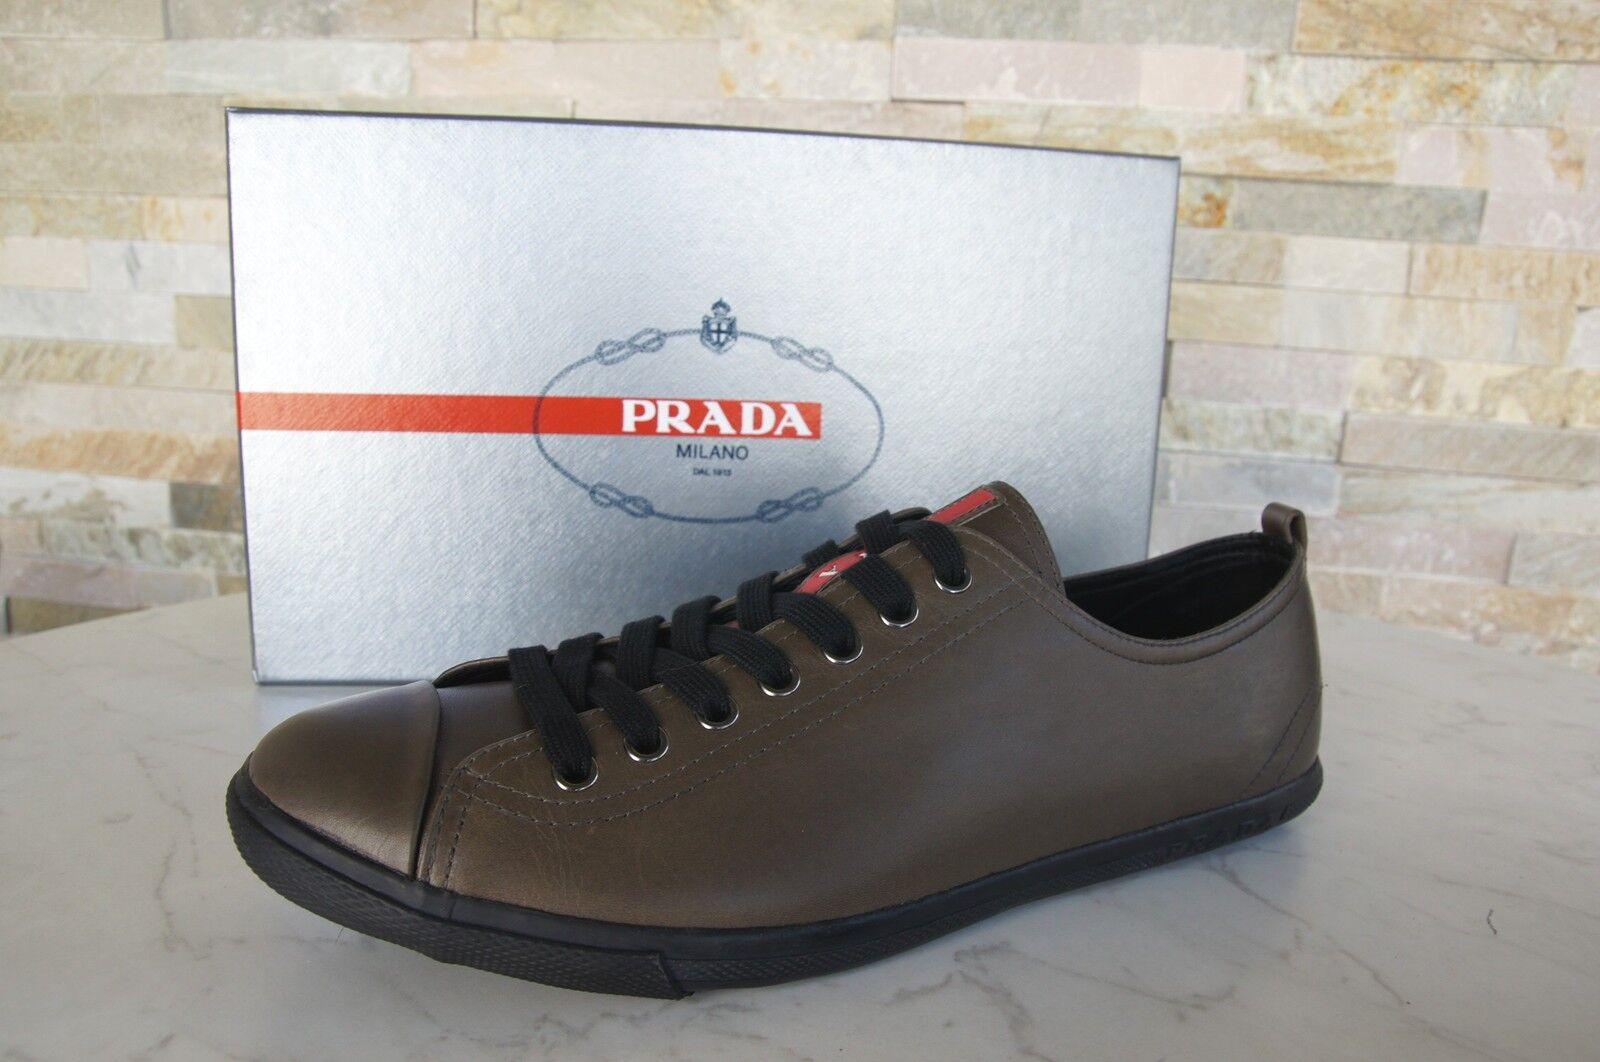 Prada zapatillas 44,5 10,5 zapatos deportivos zapatos schnürzapatos piedra nuevo ehemuvp